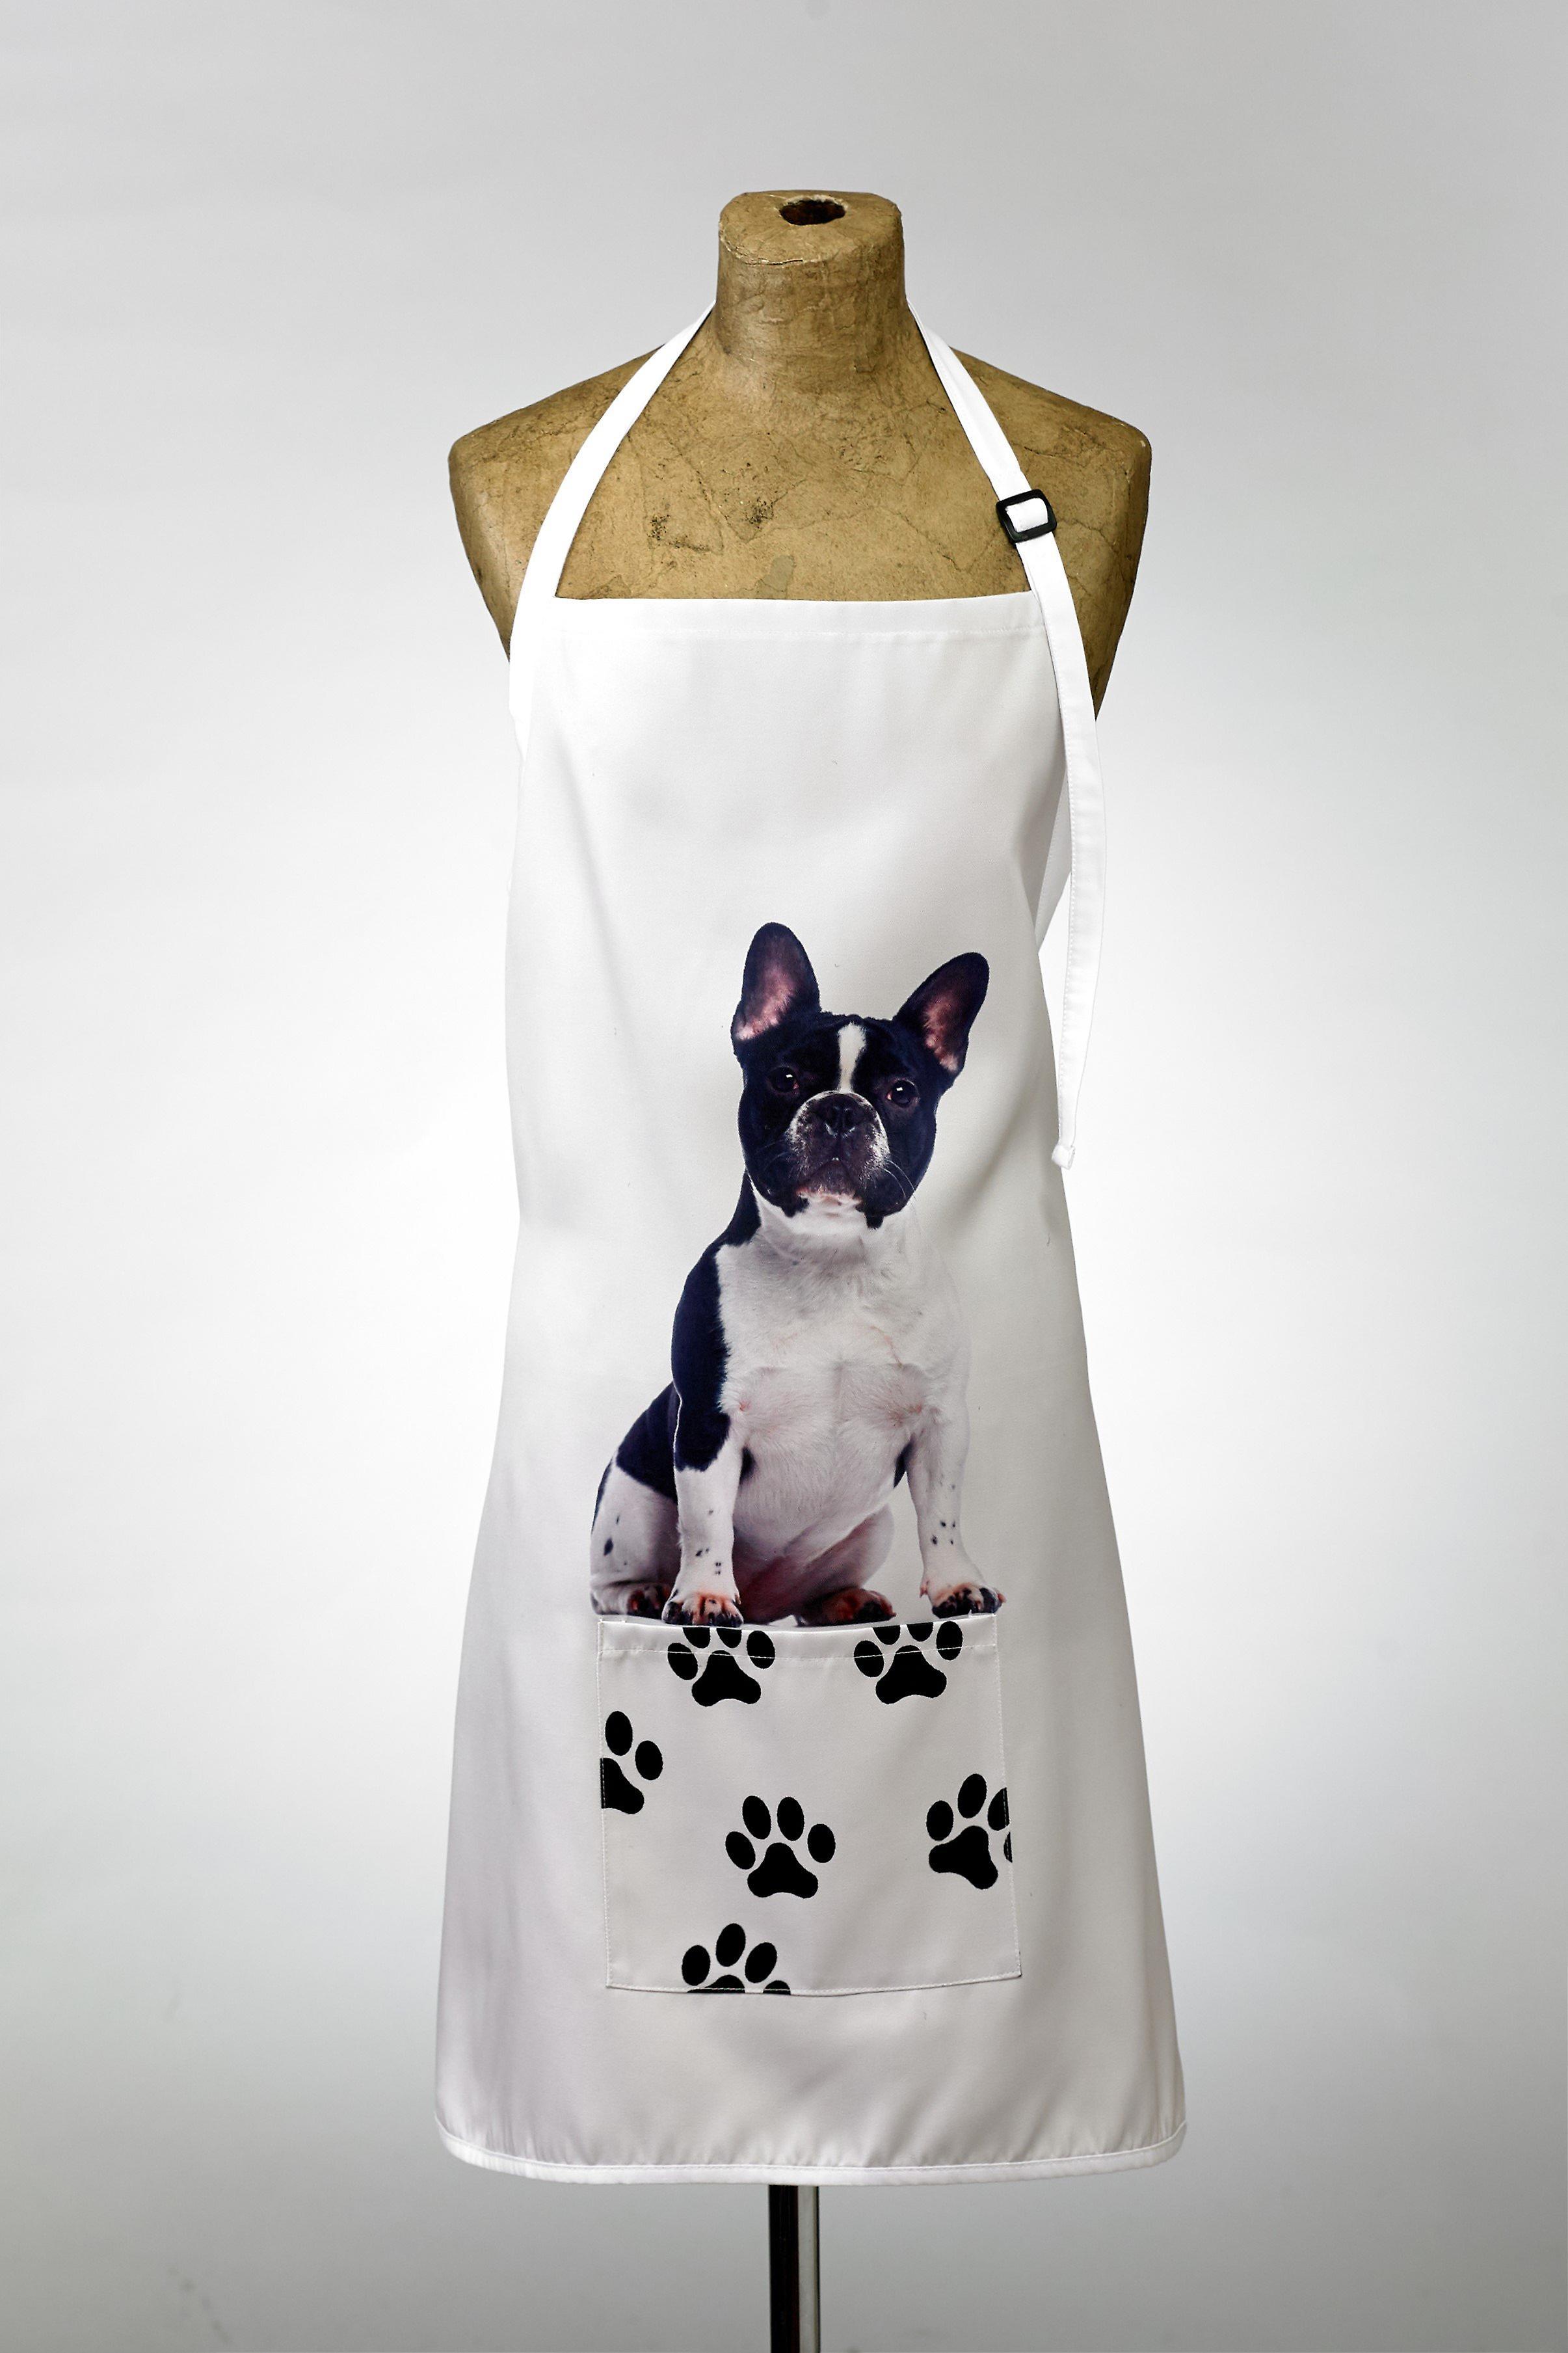 Adorable french bulldog design apron